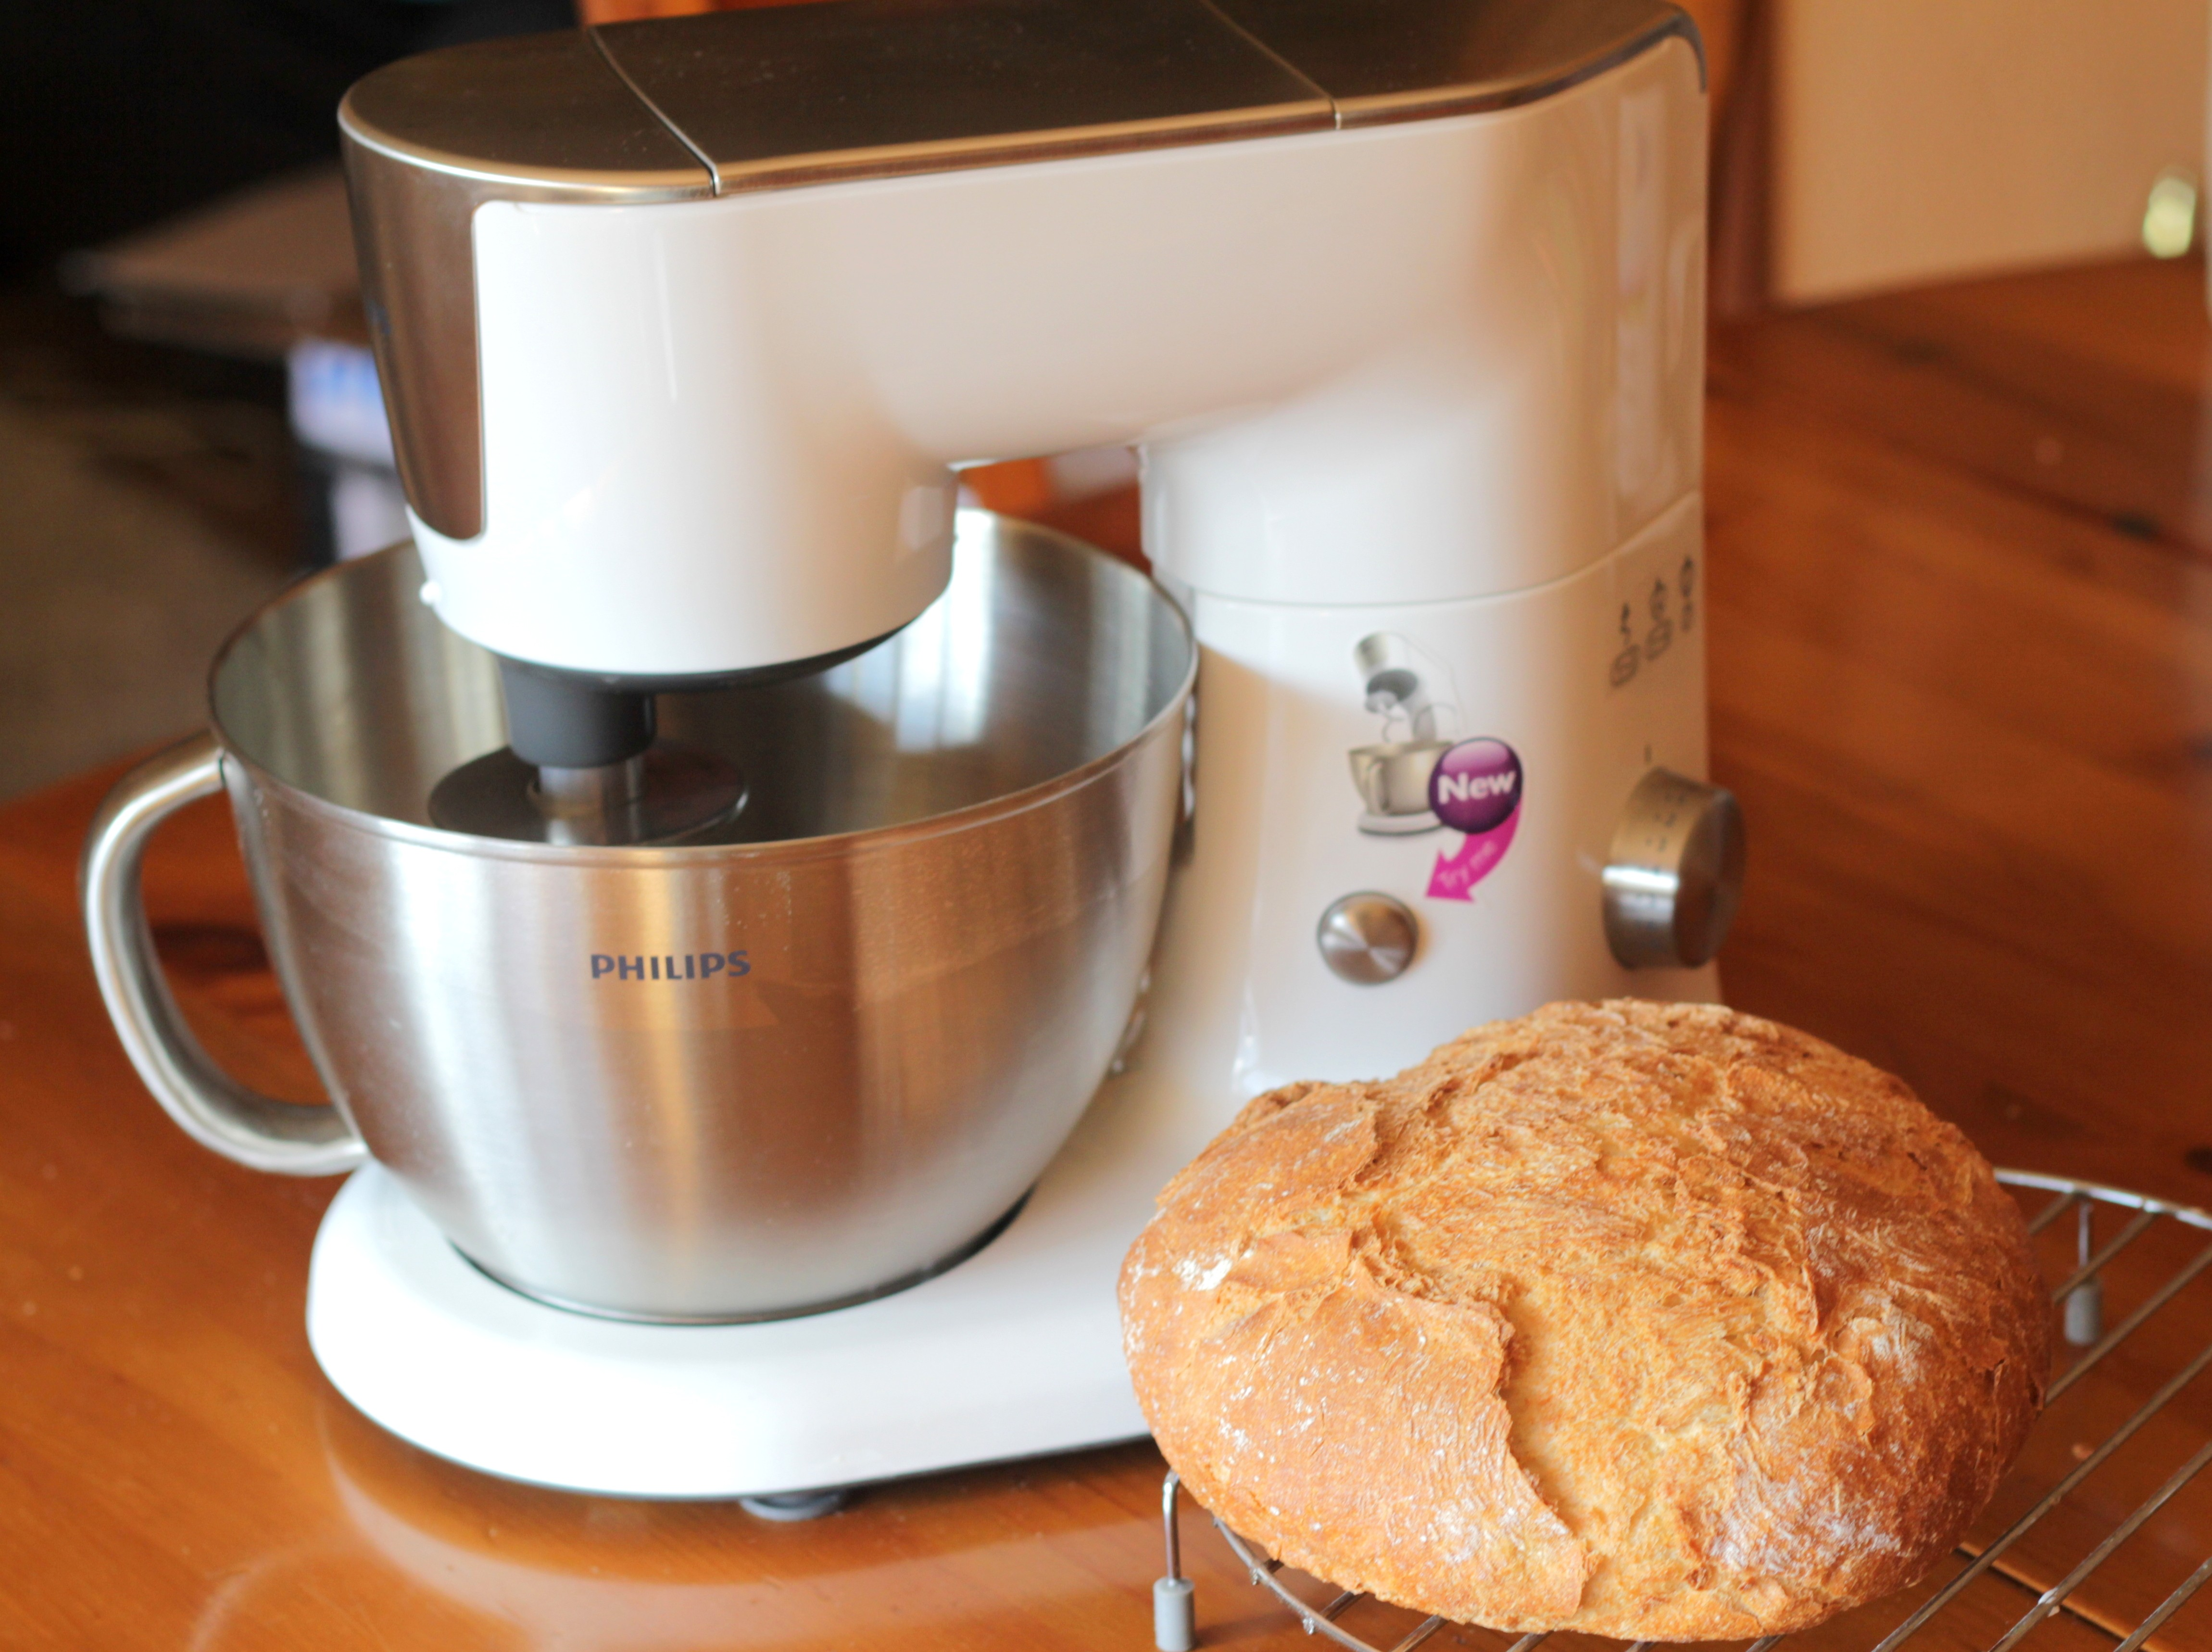 El procesador de alimentos definitivo mi mundo philips for Que es un procesador de alimentos